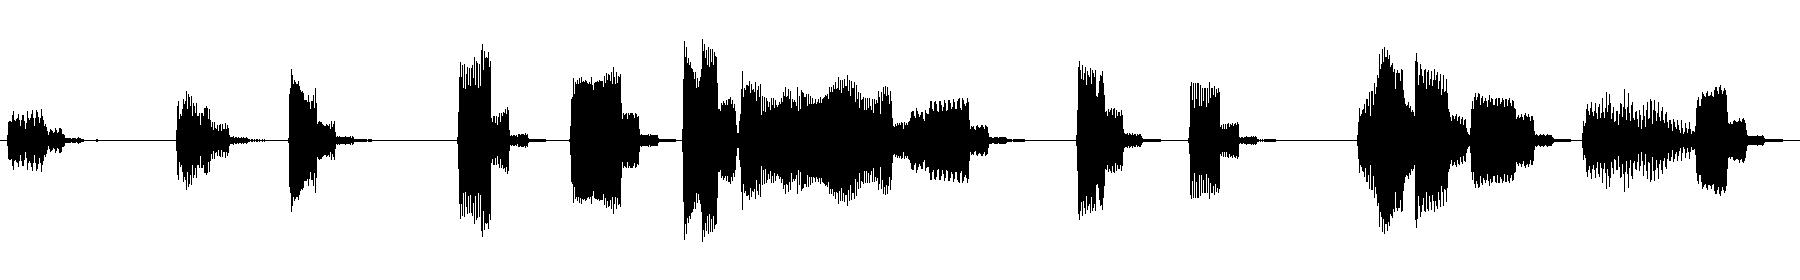 80 c synth vkeys 04 1